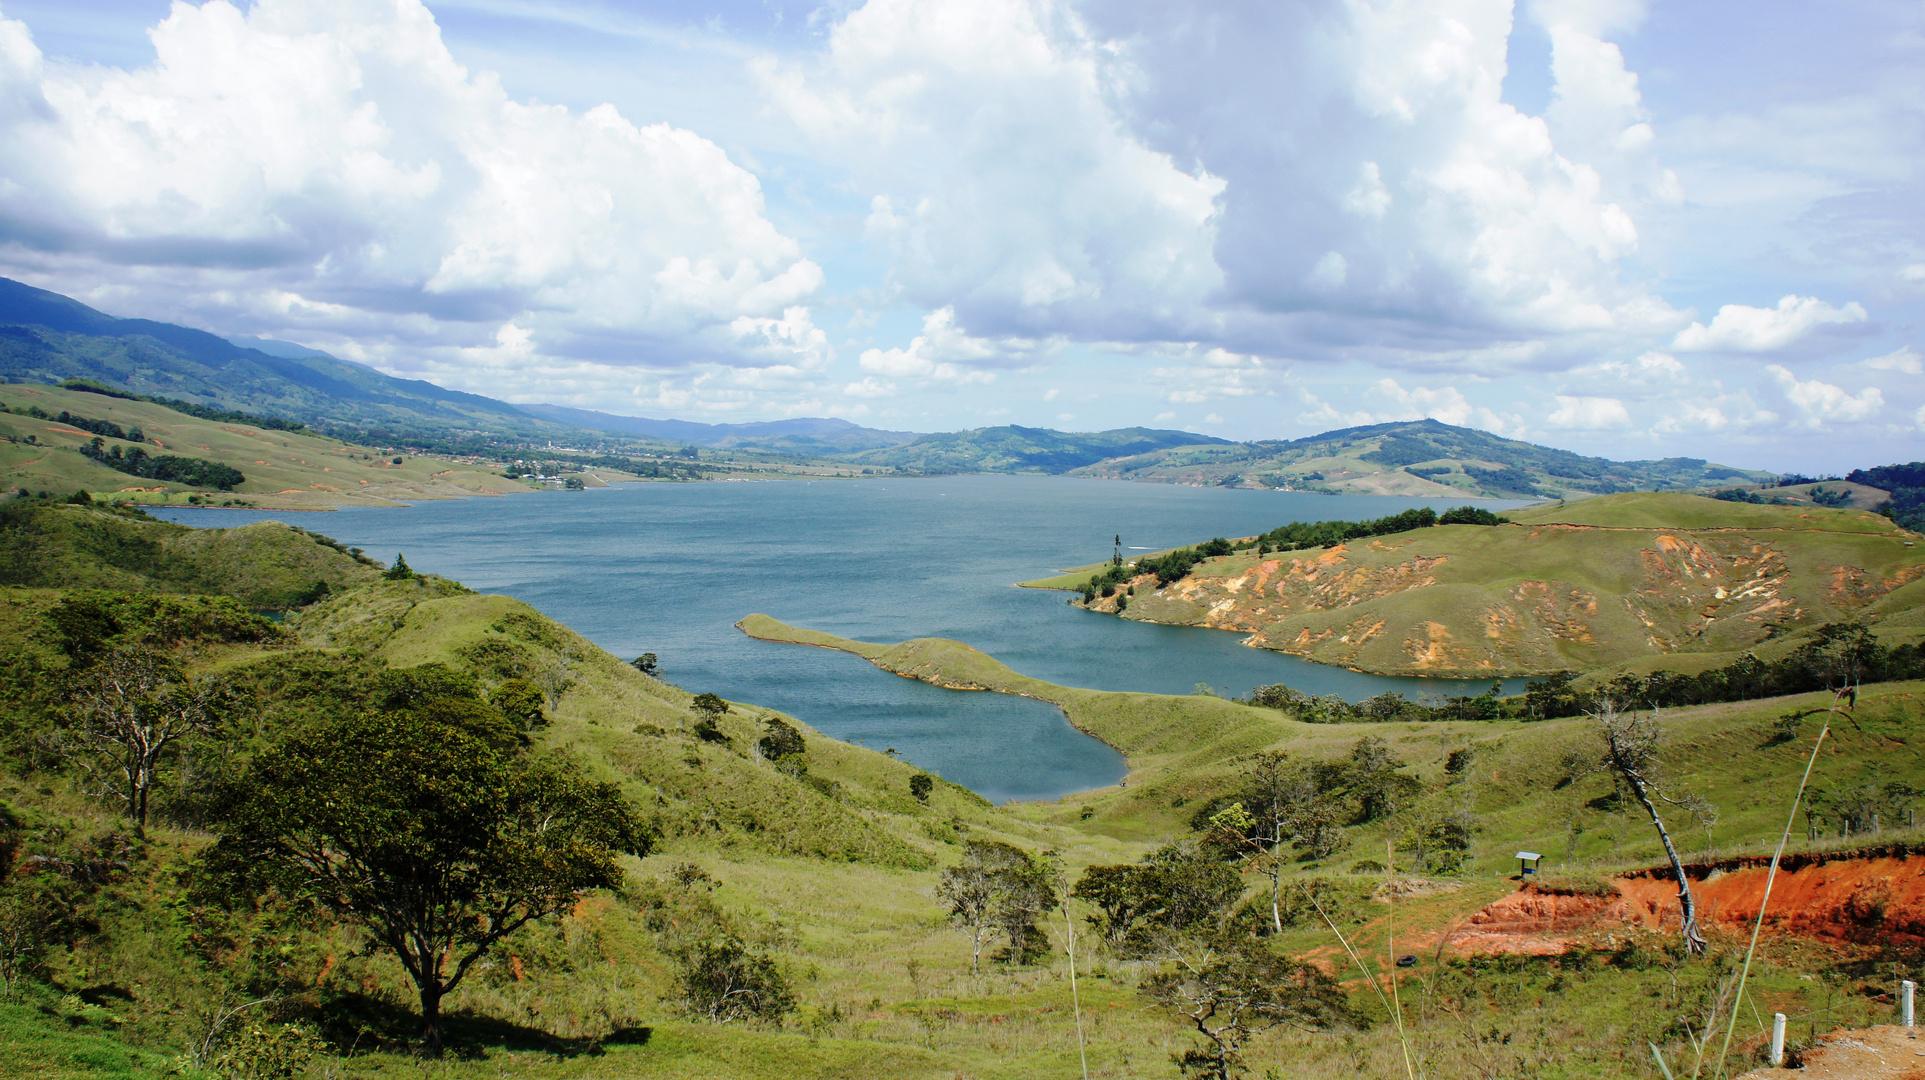 LAGO CALIMA VALLE DEL CAUCA, COLOMBIA